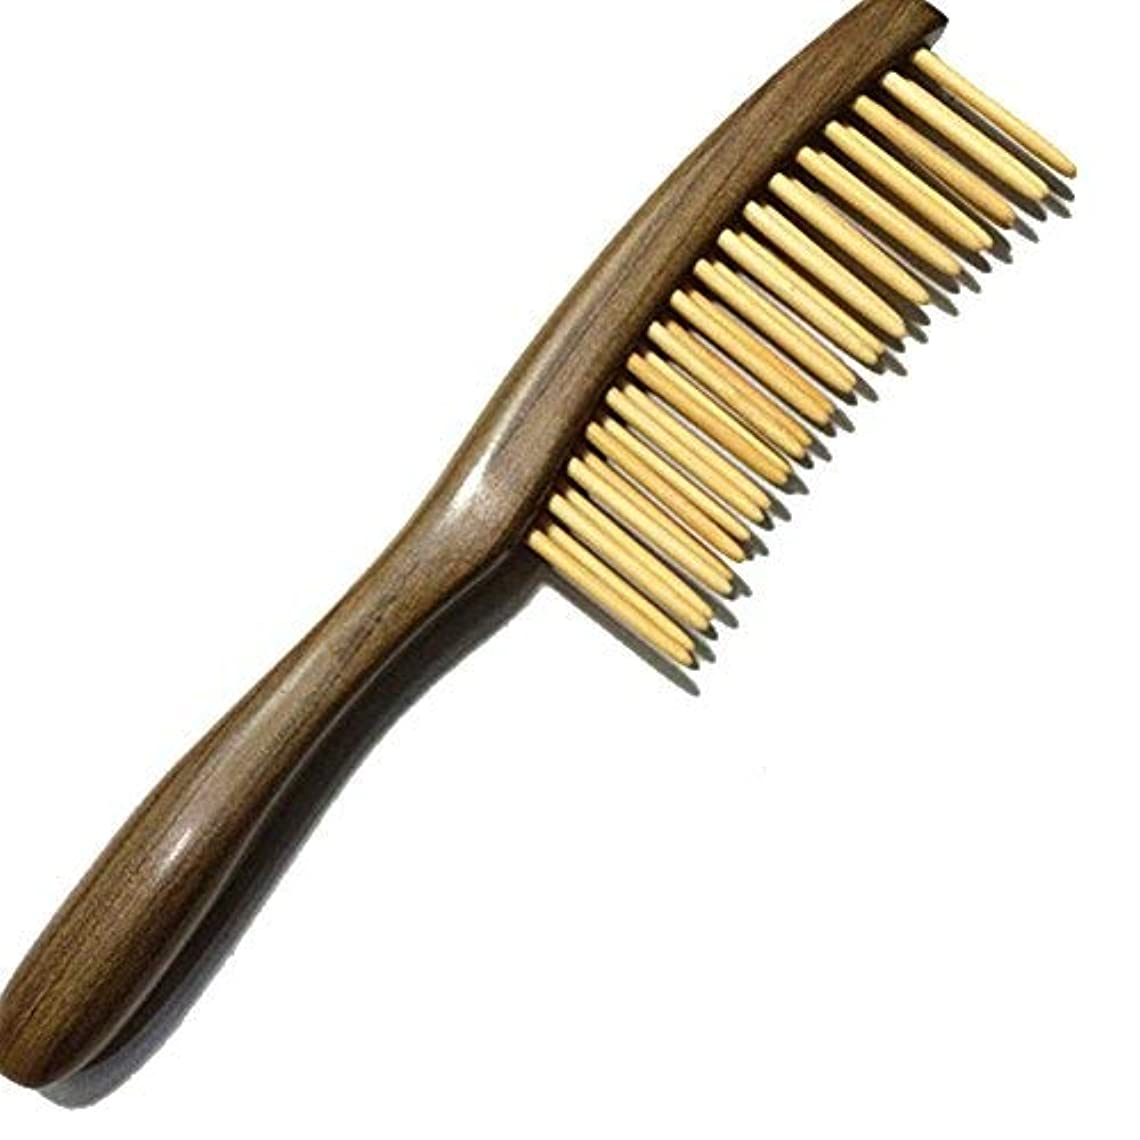 事連合スカートFitlyiee Double Rows Teeth Sandalwood Hair Comb Anti-Static Handmade Wide Tooth Wooden Comb [並行輸入品]